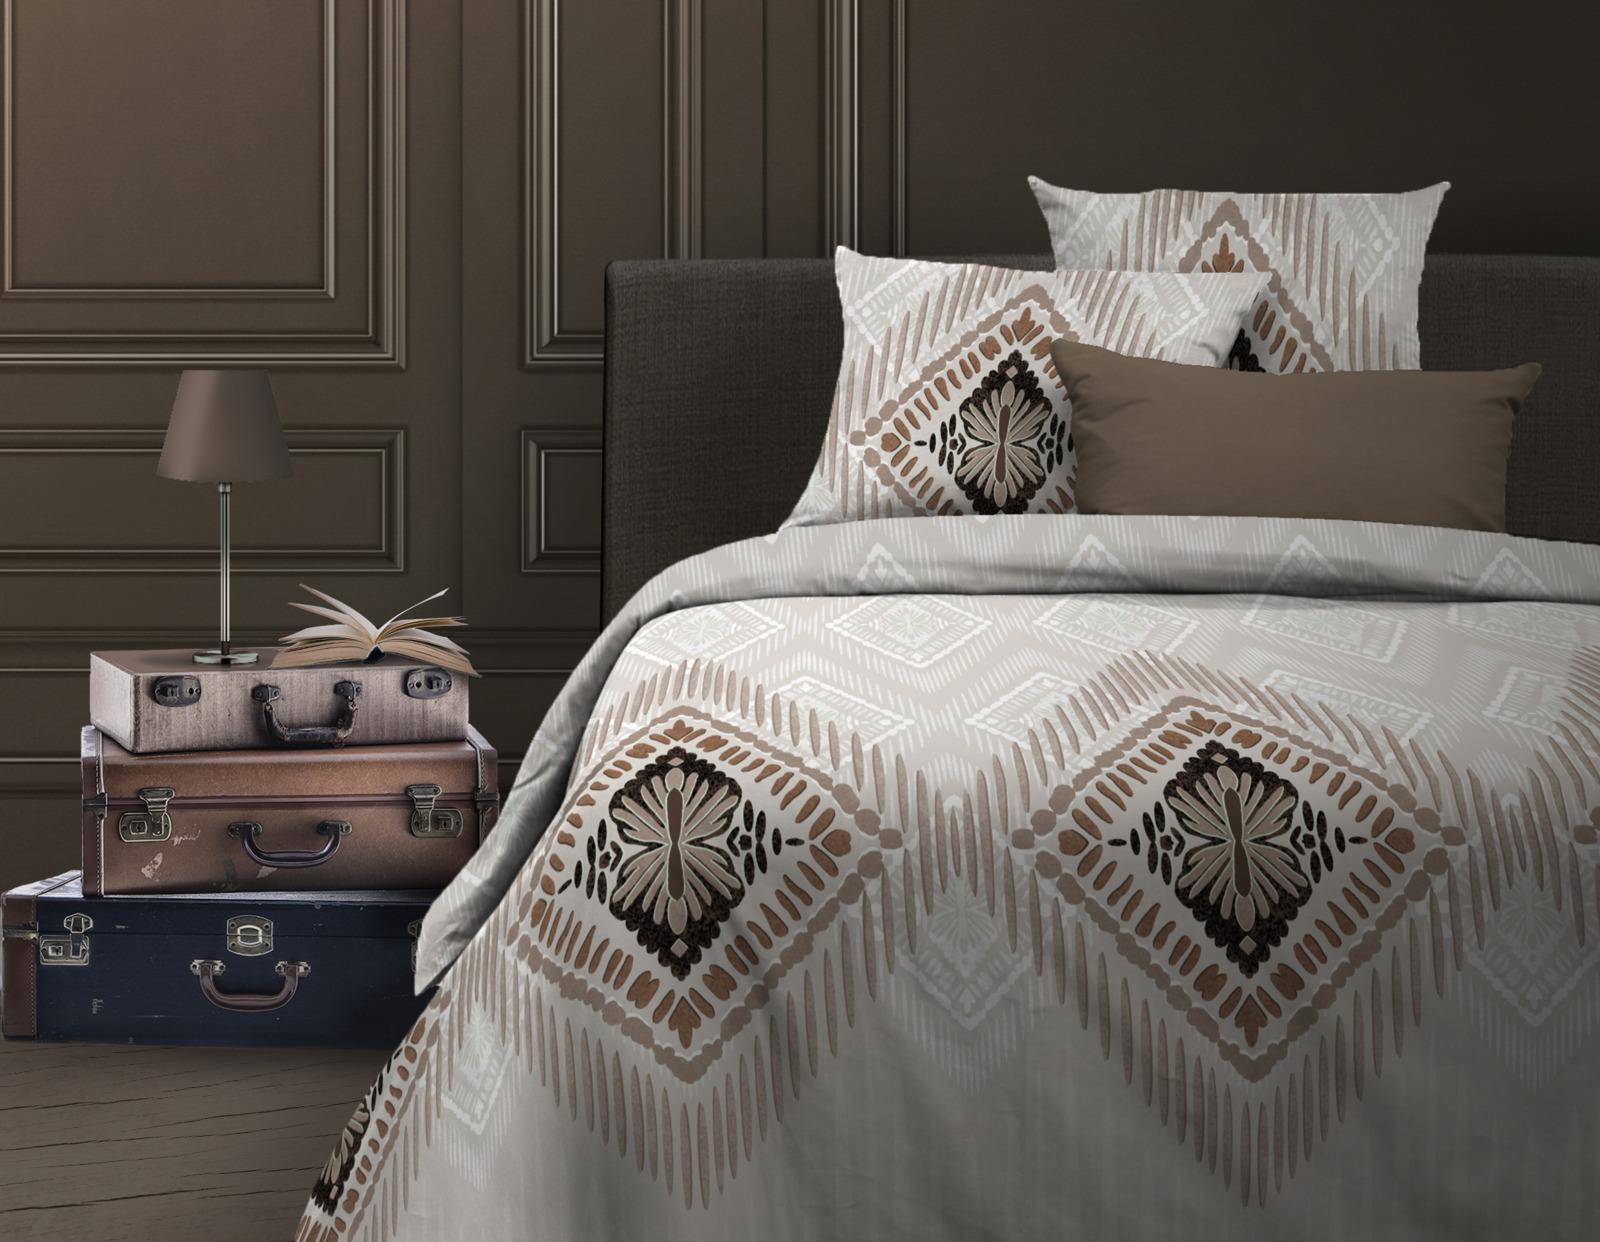 Комплект белья Wenge Cowboy, 525988, 2-спальный, наволочки 70х70525988Комплект постельного белья Wenge Cowboy— это сочетание непревзойденного дизайна и прекрасного качества исполнения. Он не только внесет яркий акцент в интерьер вашей спальни, но и добавит ей гармонии, индивидуальности и особого домашнего уюта.Белье выполнено из бязи и украшено изысканным рисунком. Бязь широко используется в производстве домашнего текстиля, так как отвечает всем, предъявляемым к данному типу изделий, требованиям. Ткань — хлопчатобумажная, отличается высокой прочностью и особой технологией переплетения нитей. Вместе с тем, она отлично впитывает влагу, поддерживает естественный температурный баланс тела, не электризуется и не скользит во время сна. Рисунок нанесен с использованием высококачественных красителей, не выцветает и не линяет во время стирки.